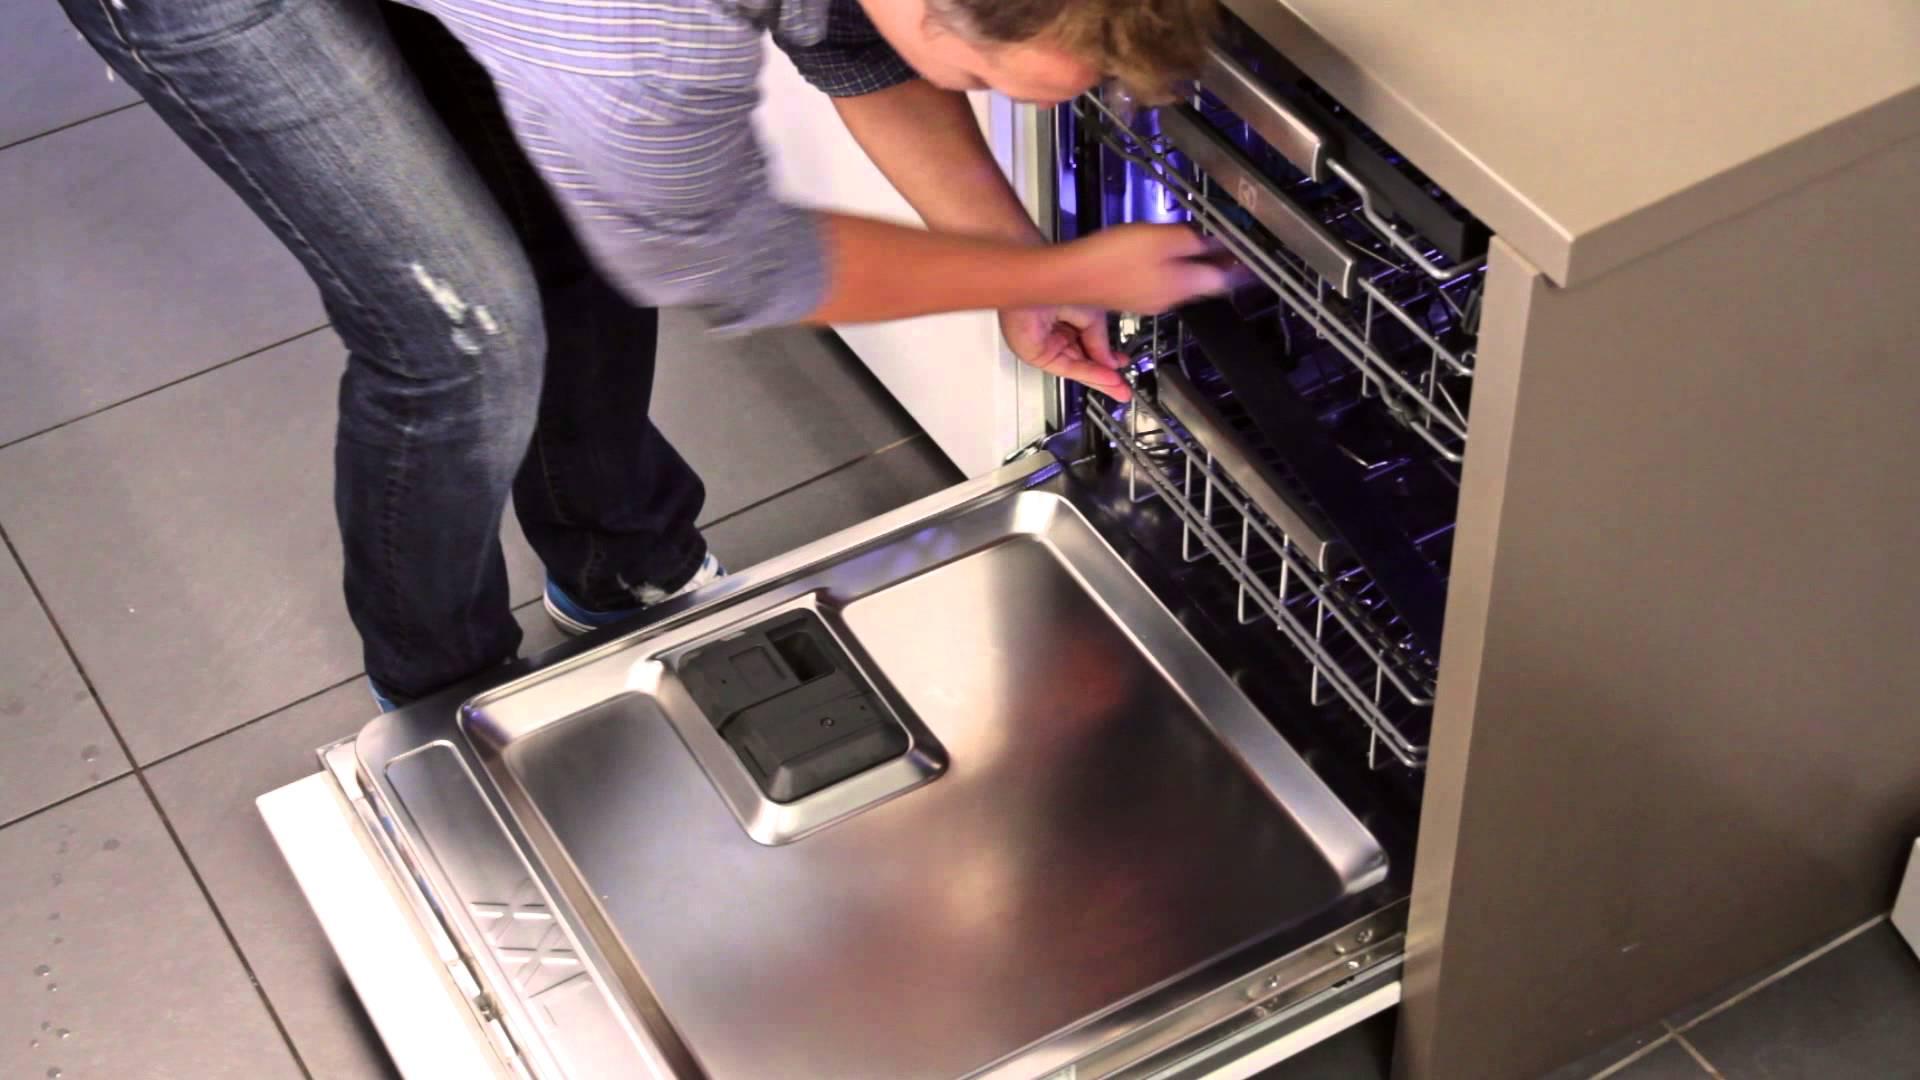 Распространенные проблемы посудомоечных машин Bosch и их устранение